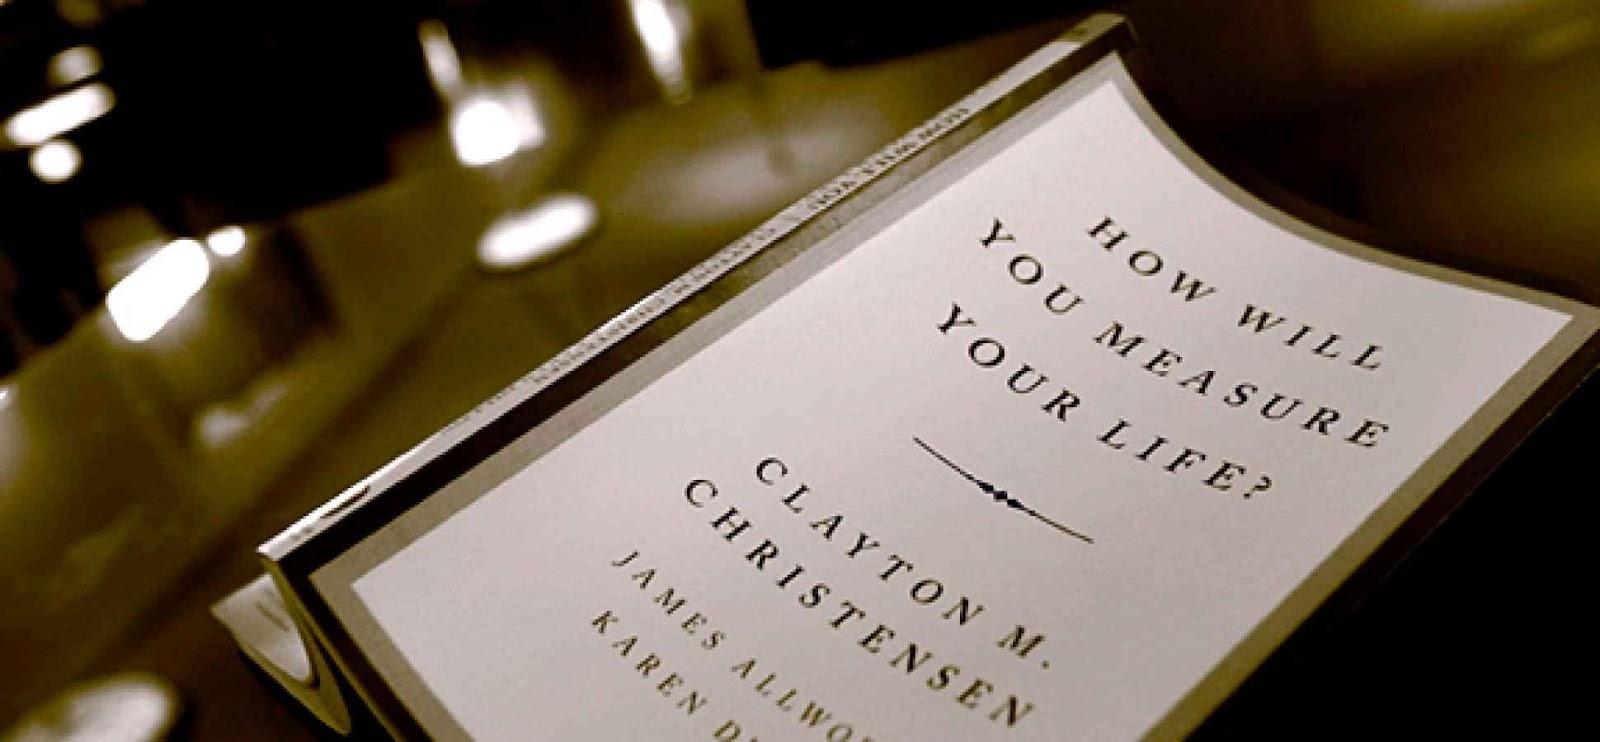 Dành nhiều thời gian để đọc sách hơn, 5 cuốn sách tuyệt vời này có thể khiến cuộc sống của bạn thay đổi hoàn toàn - Ảnh 3.